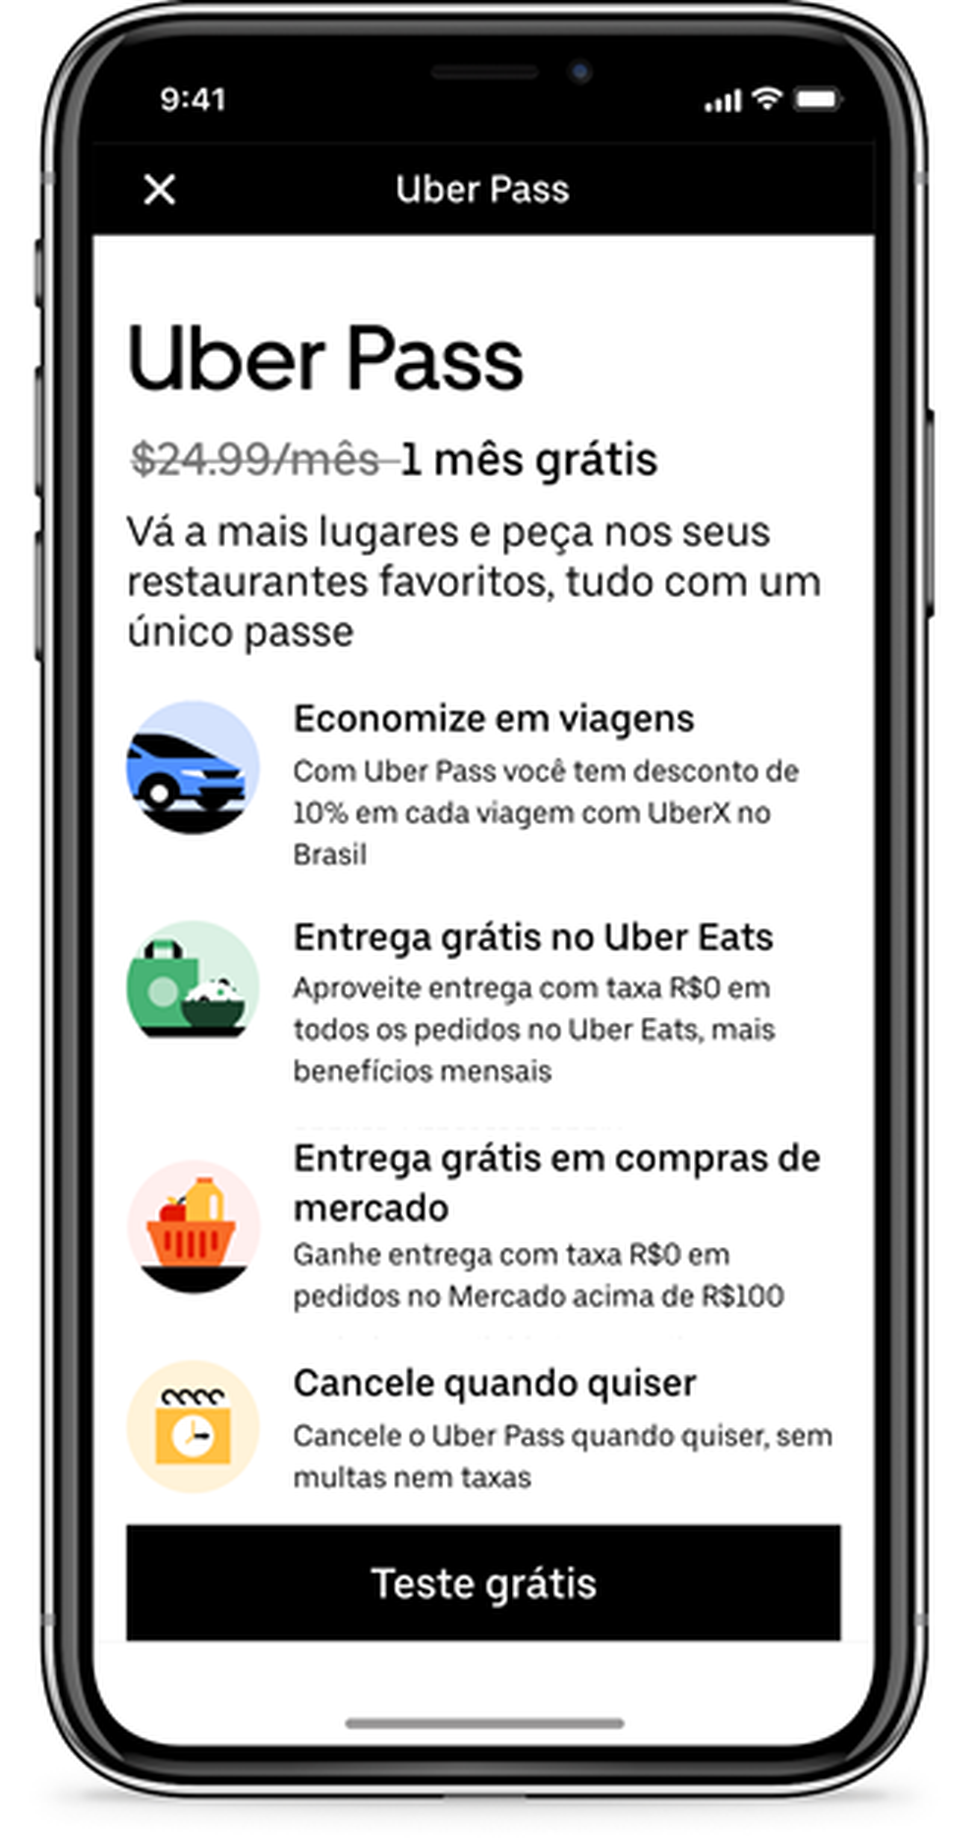 Os benefícios do Uber Pass incluem descontos e outras vantagens.